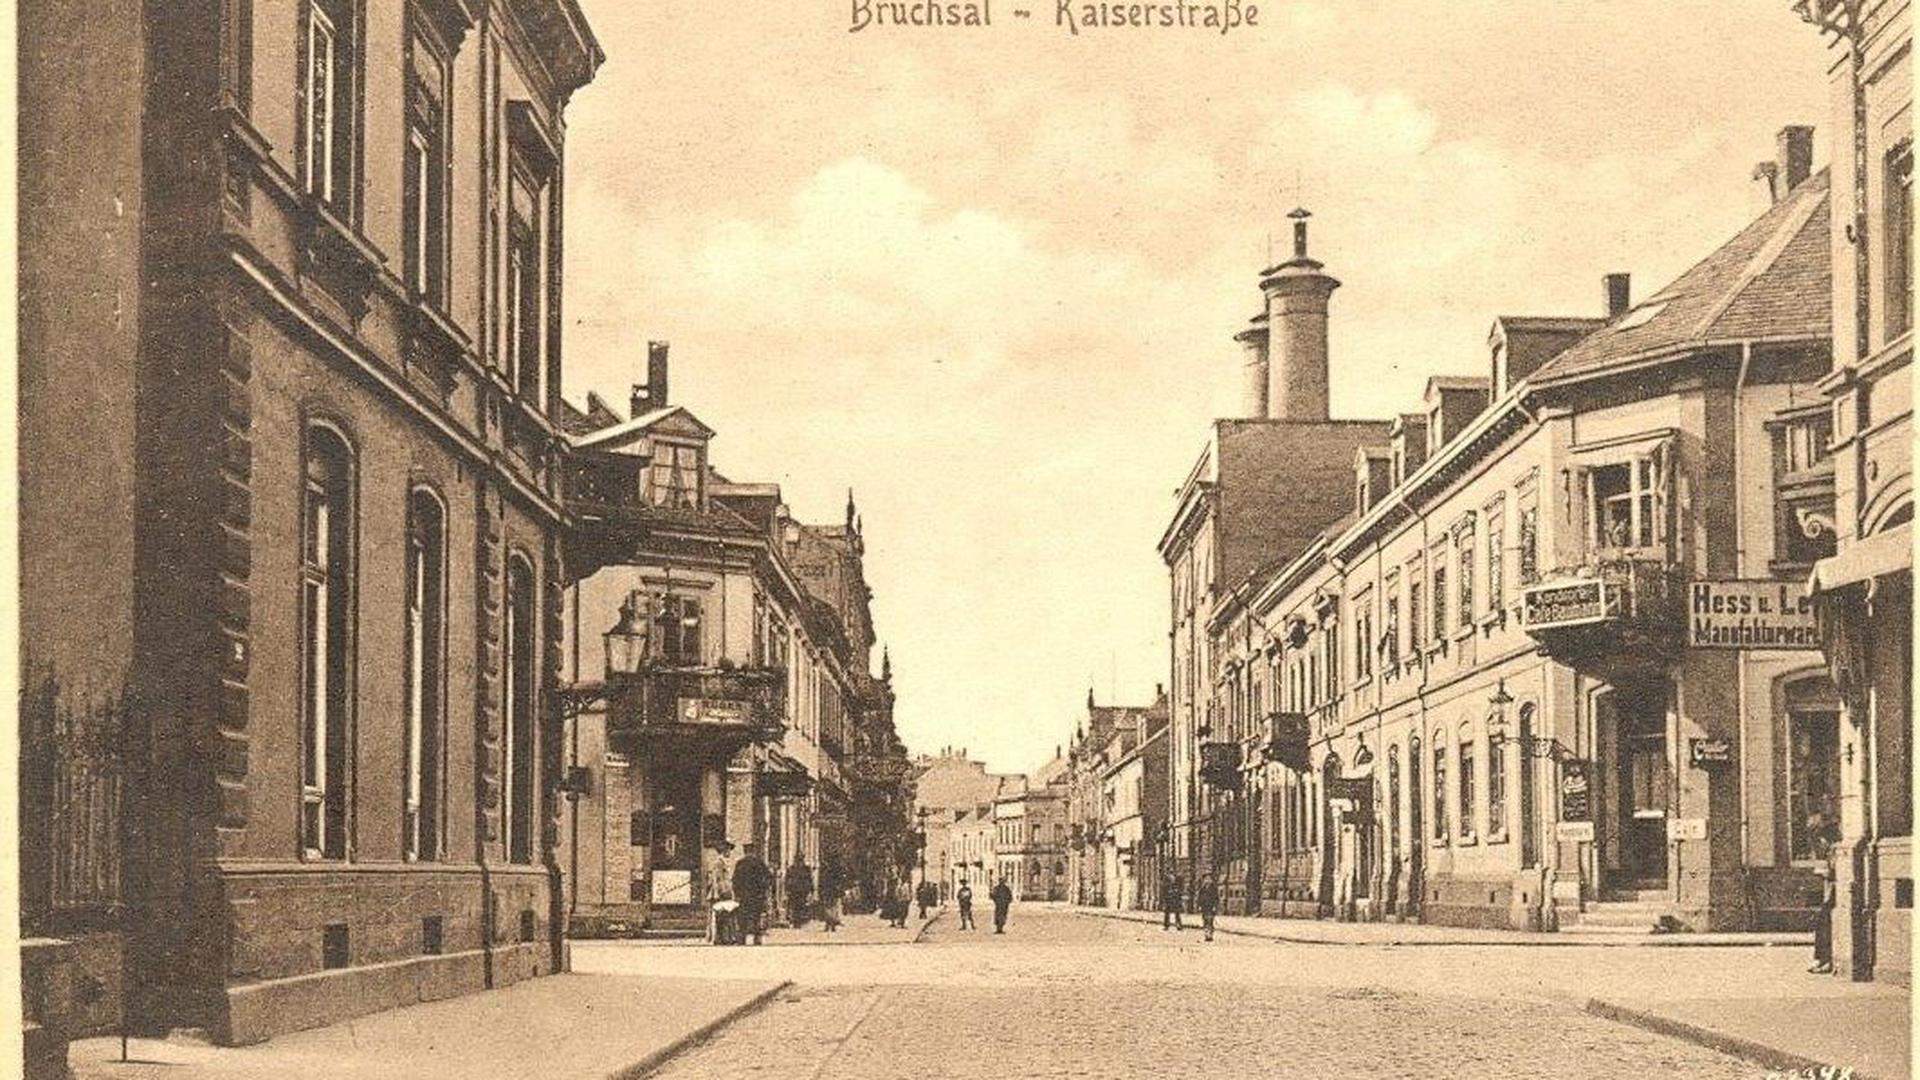 Historische Aufnahme von der Kaiserstraße in Bruchsal mit der Malzfabrik Marx